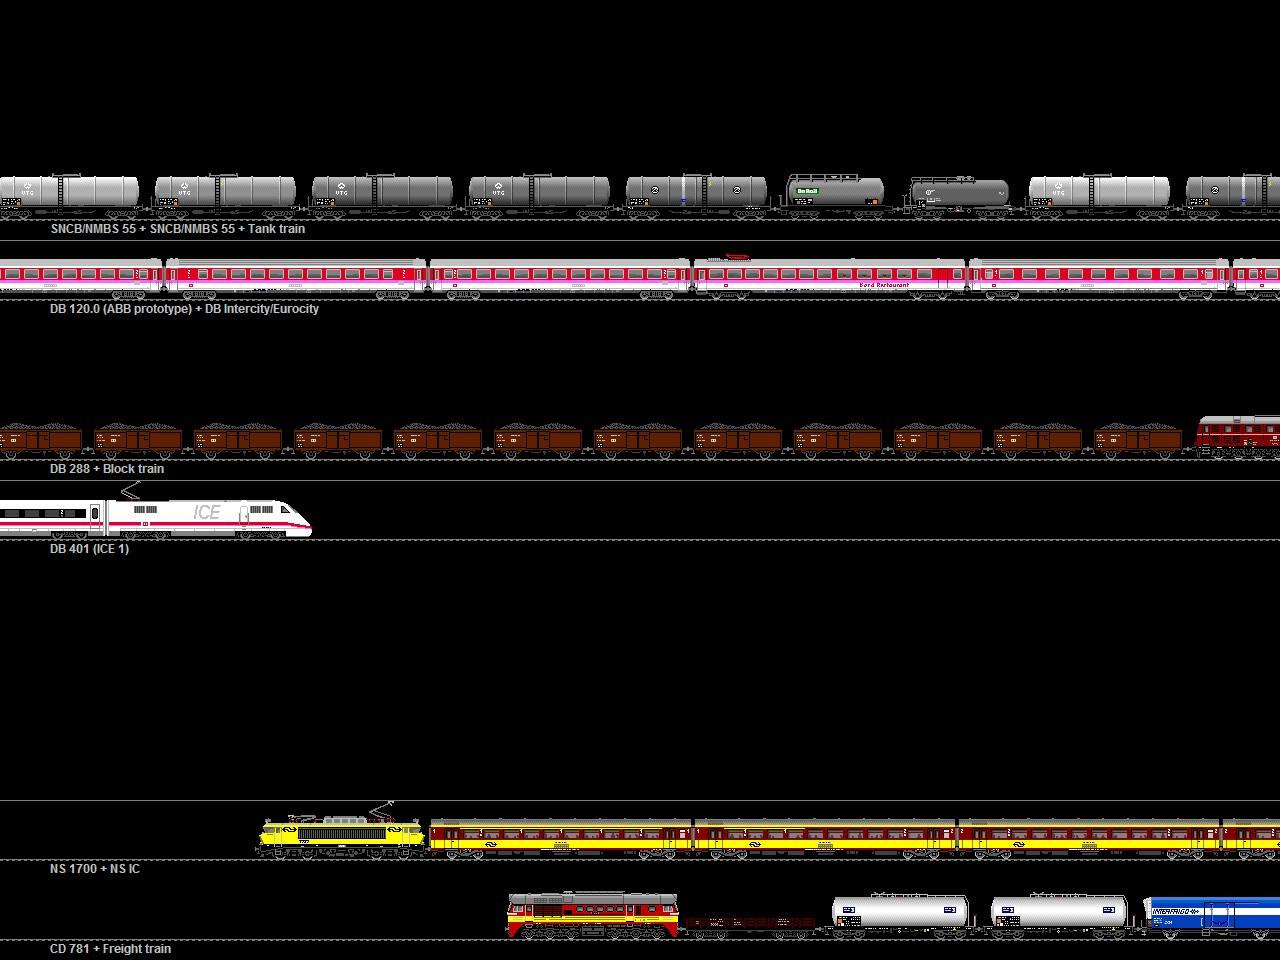 Mm railway screensaver gratis downloaden computer idee - Mm screensaver ...